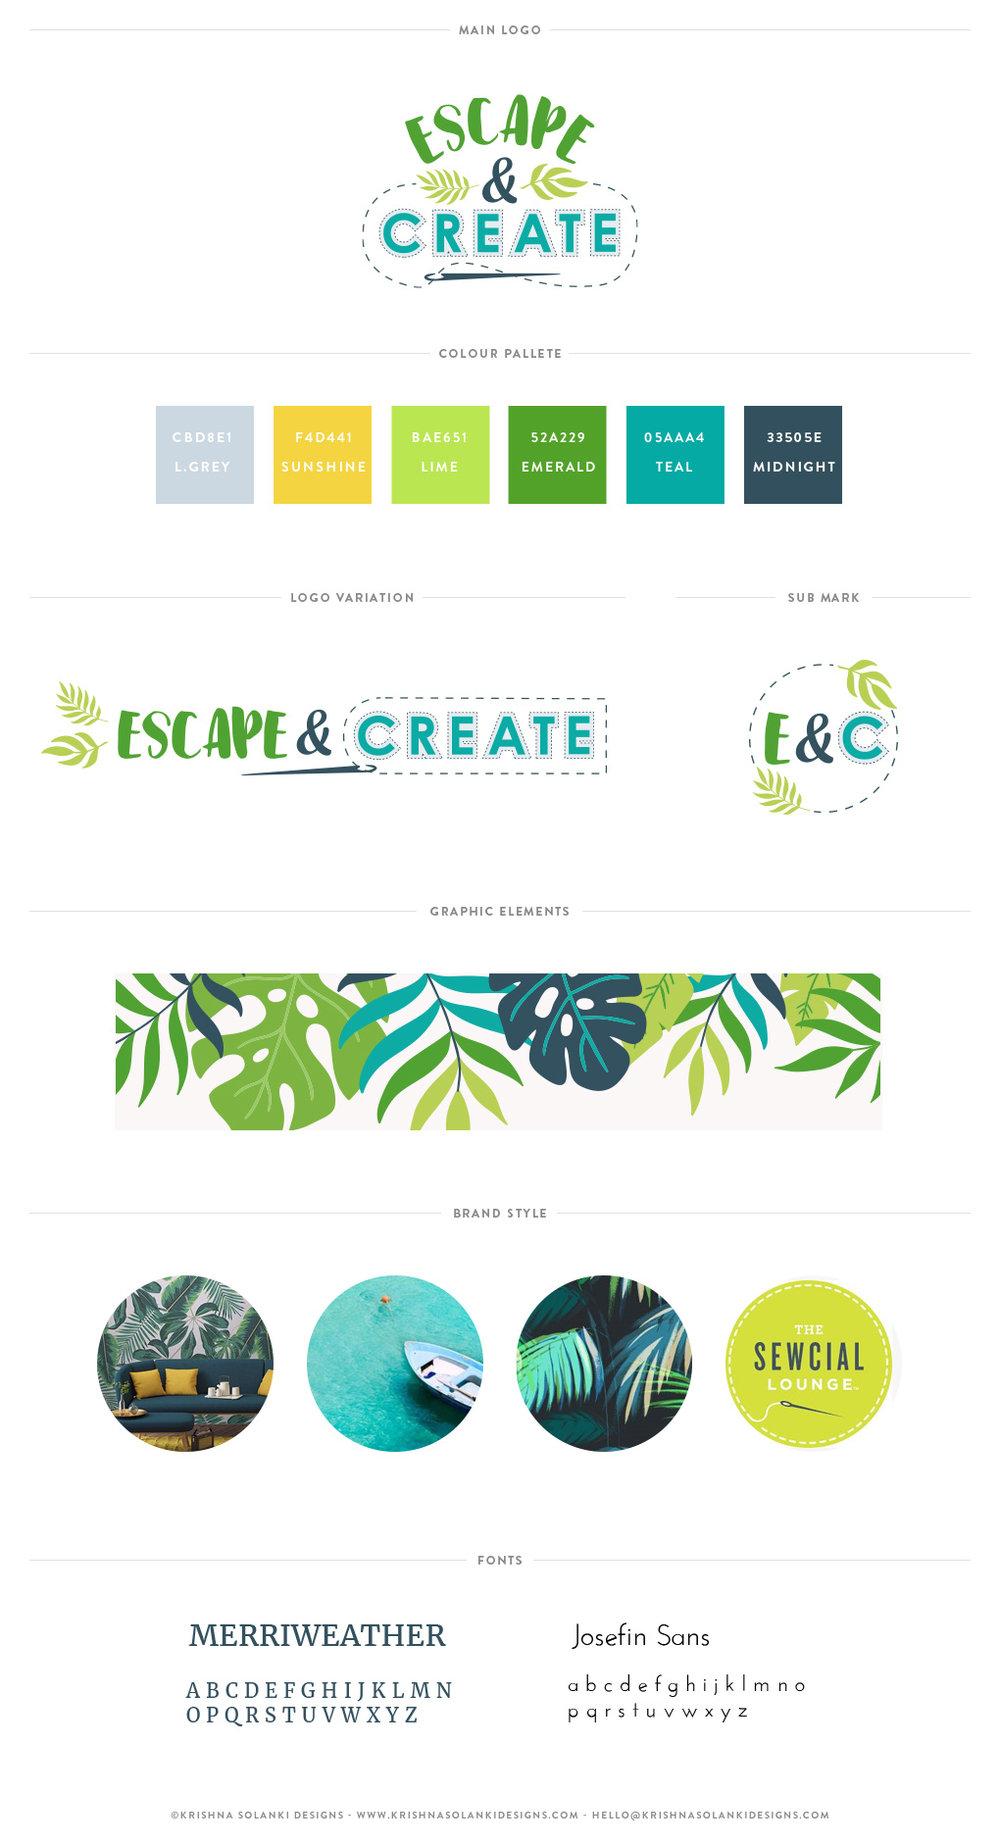 Krishna Solanki Designs - Escape & Create - Brand Board